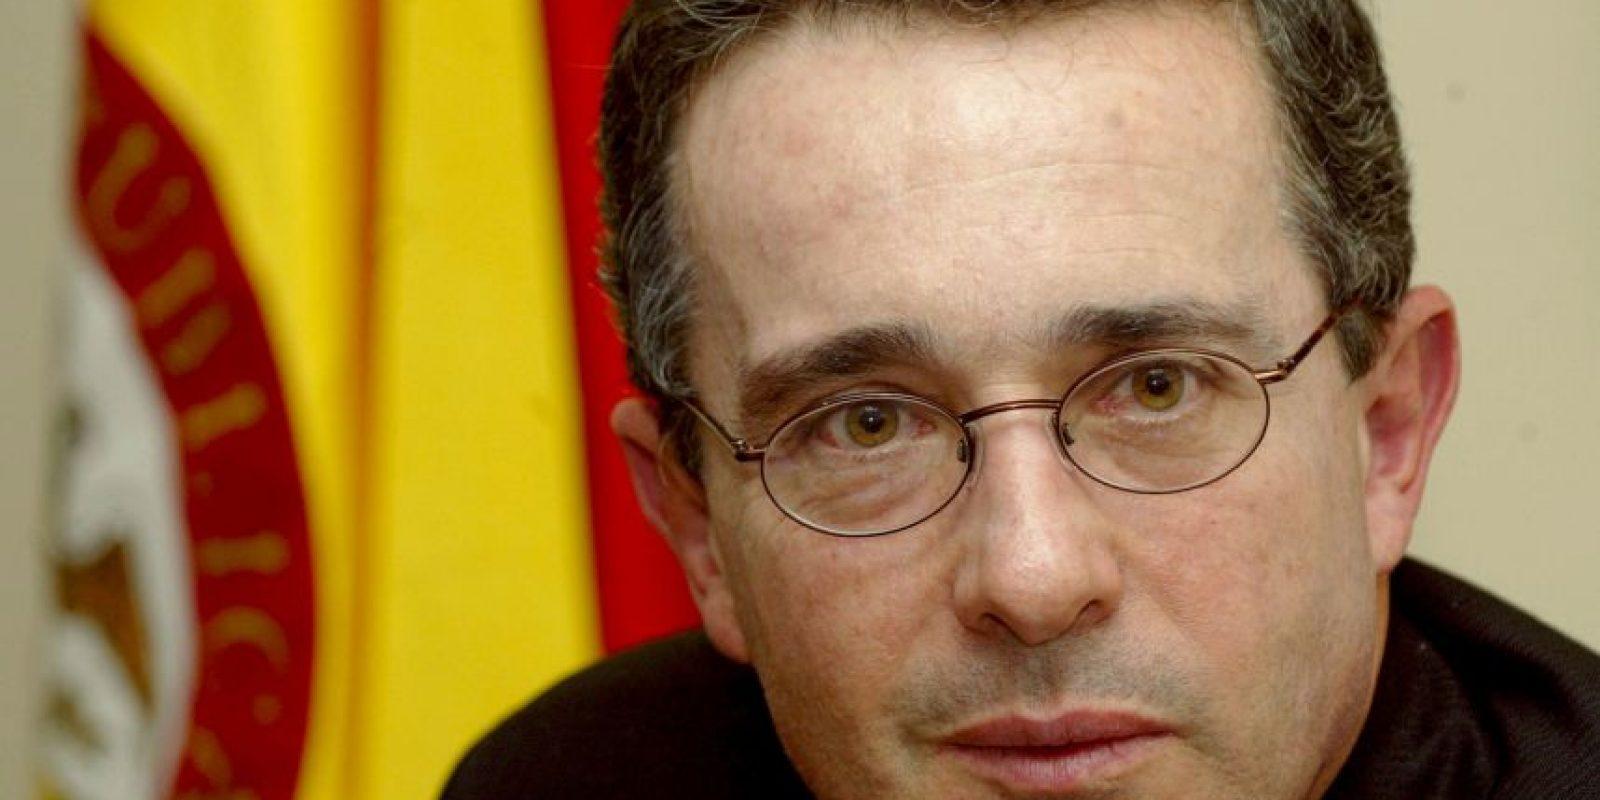 El ex presidente colombiano, Álvaro Uribe, terminó sus dos períodos sin poder doblegar al grupo armado. Foto:Getty Images